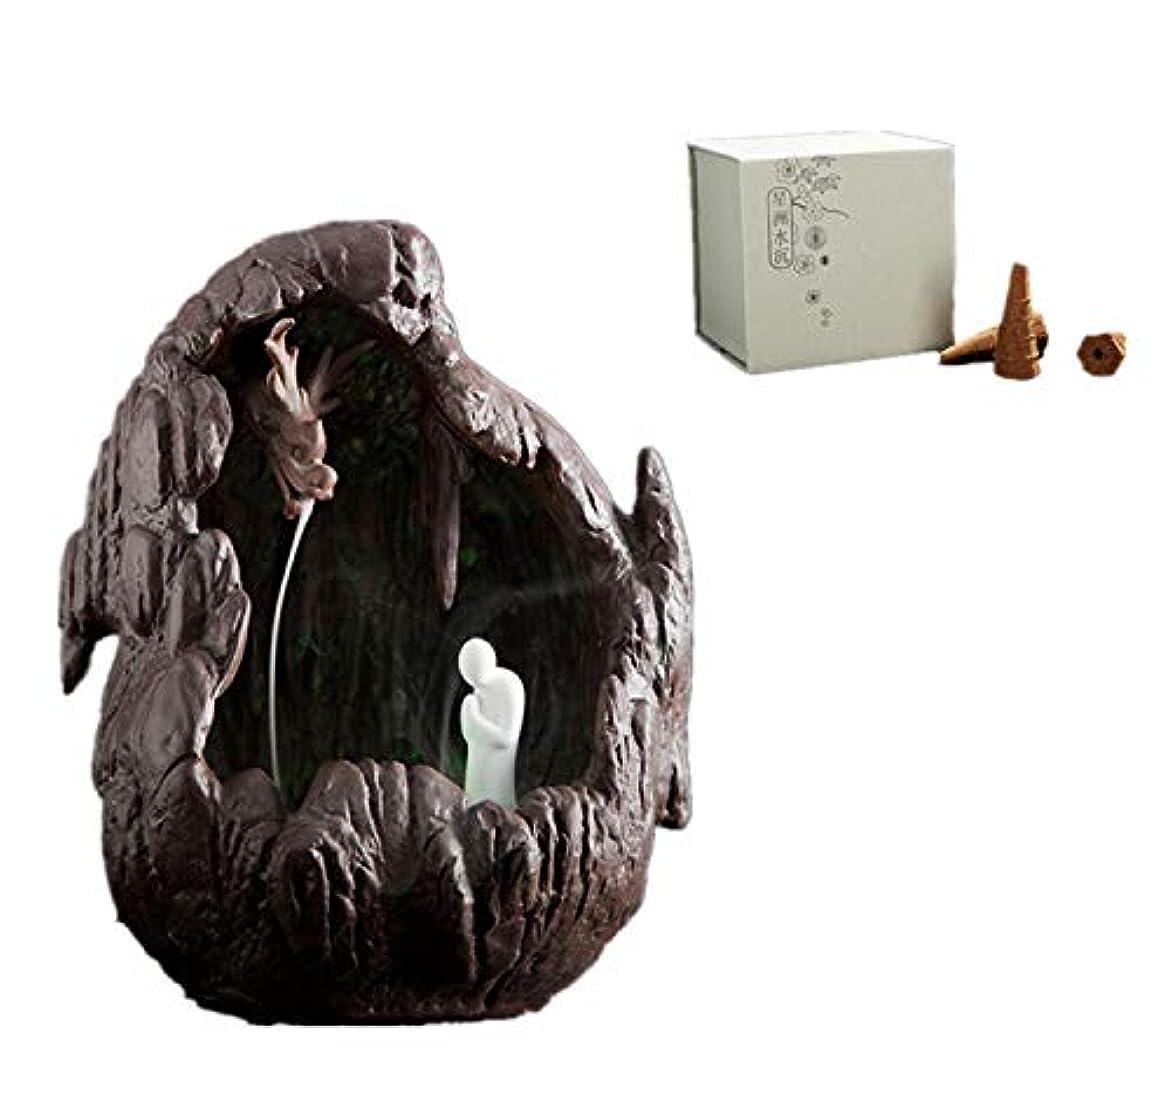 成功泥だらけ経済的XPPXPP Reflux Incense Burner, Ceramic Incense Burner, With 40pcs Reflux Cone, Suitable For Home Decoration